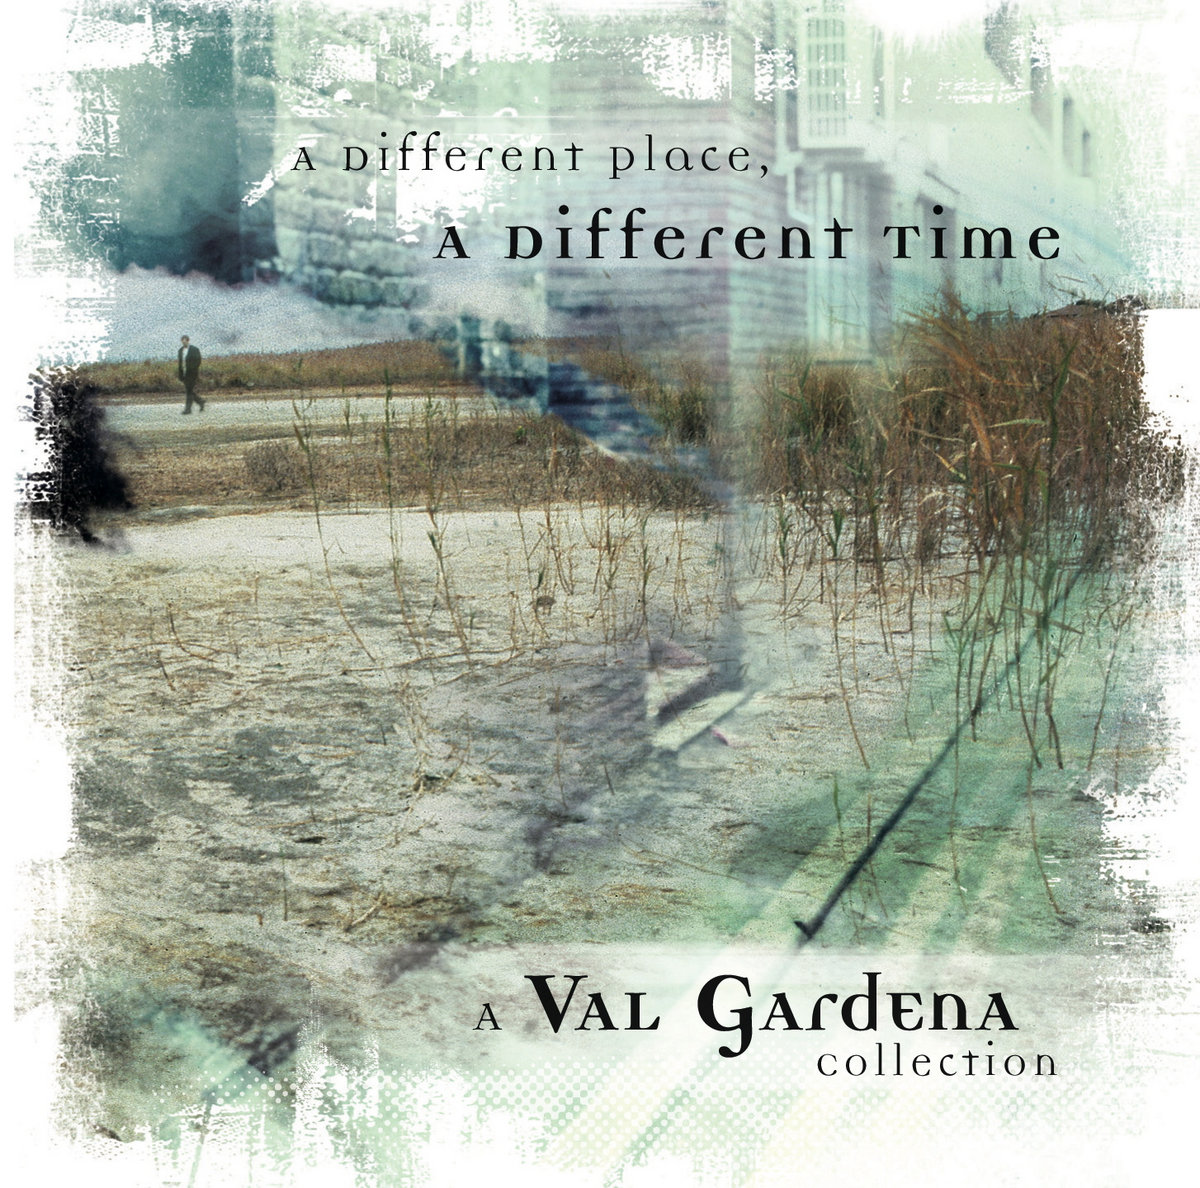 By Val Gardena